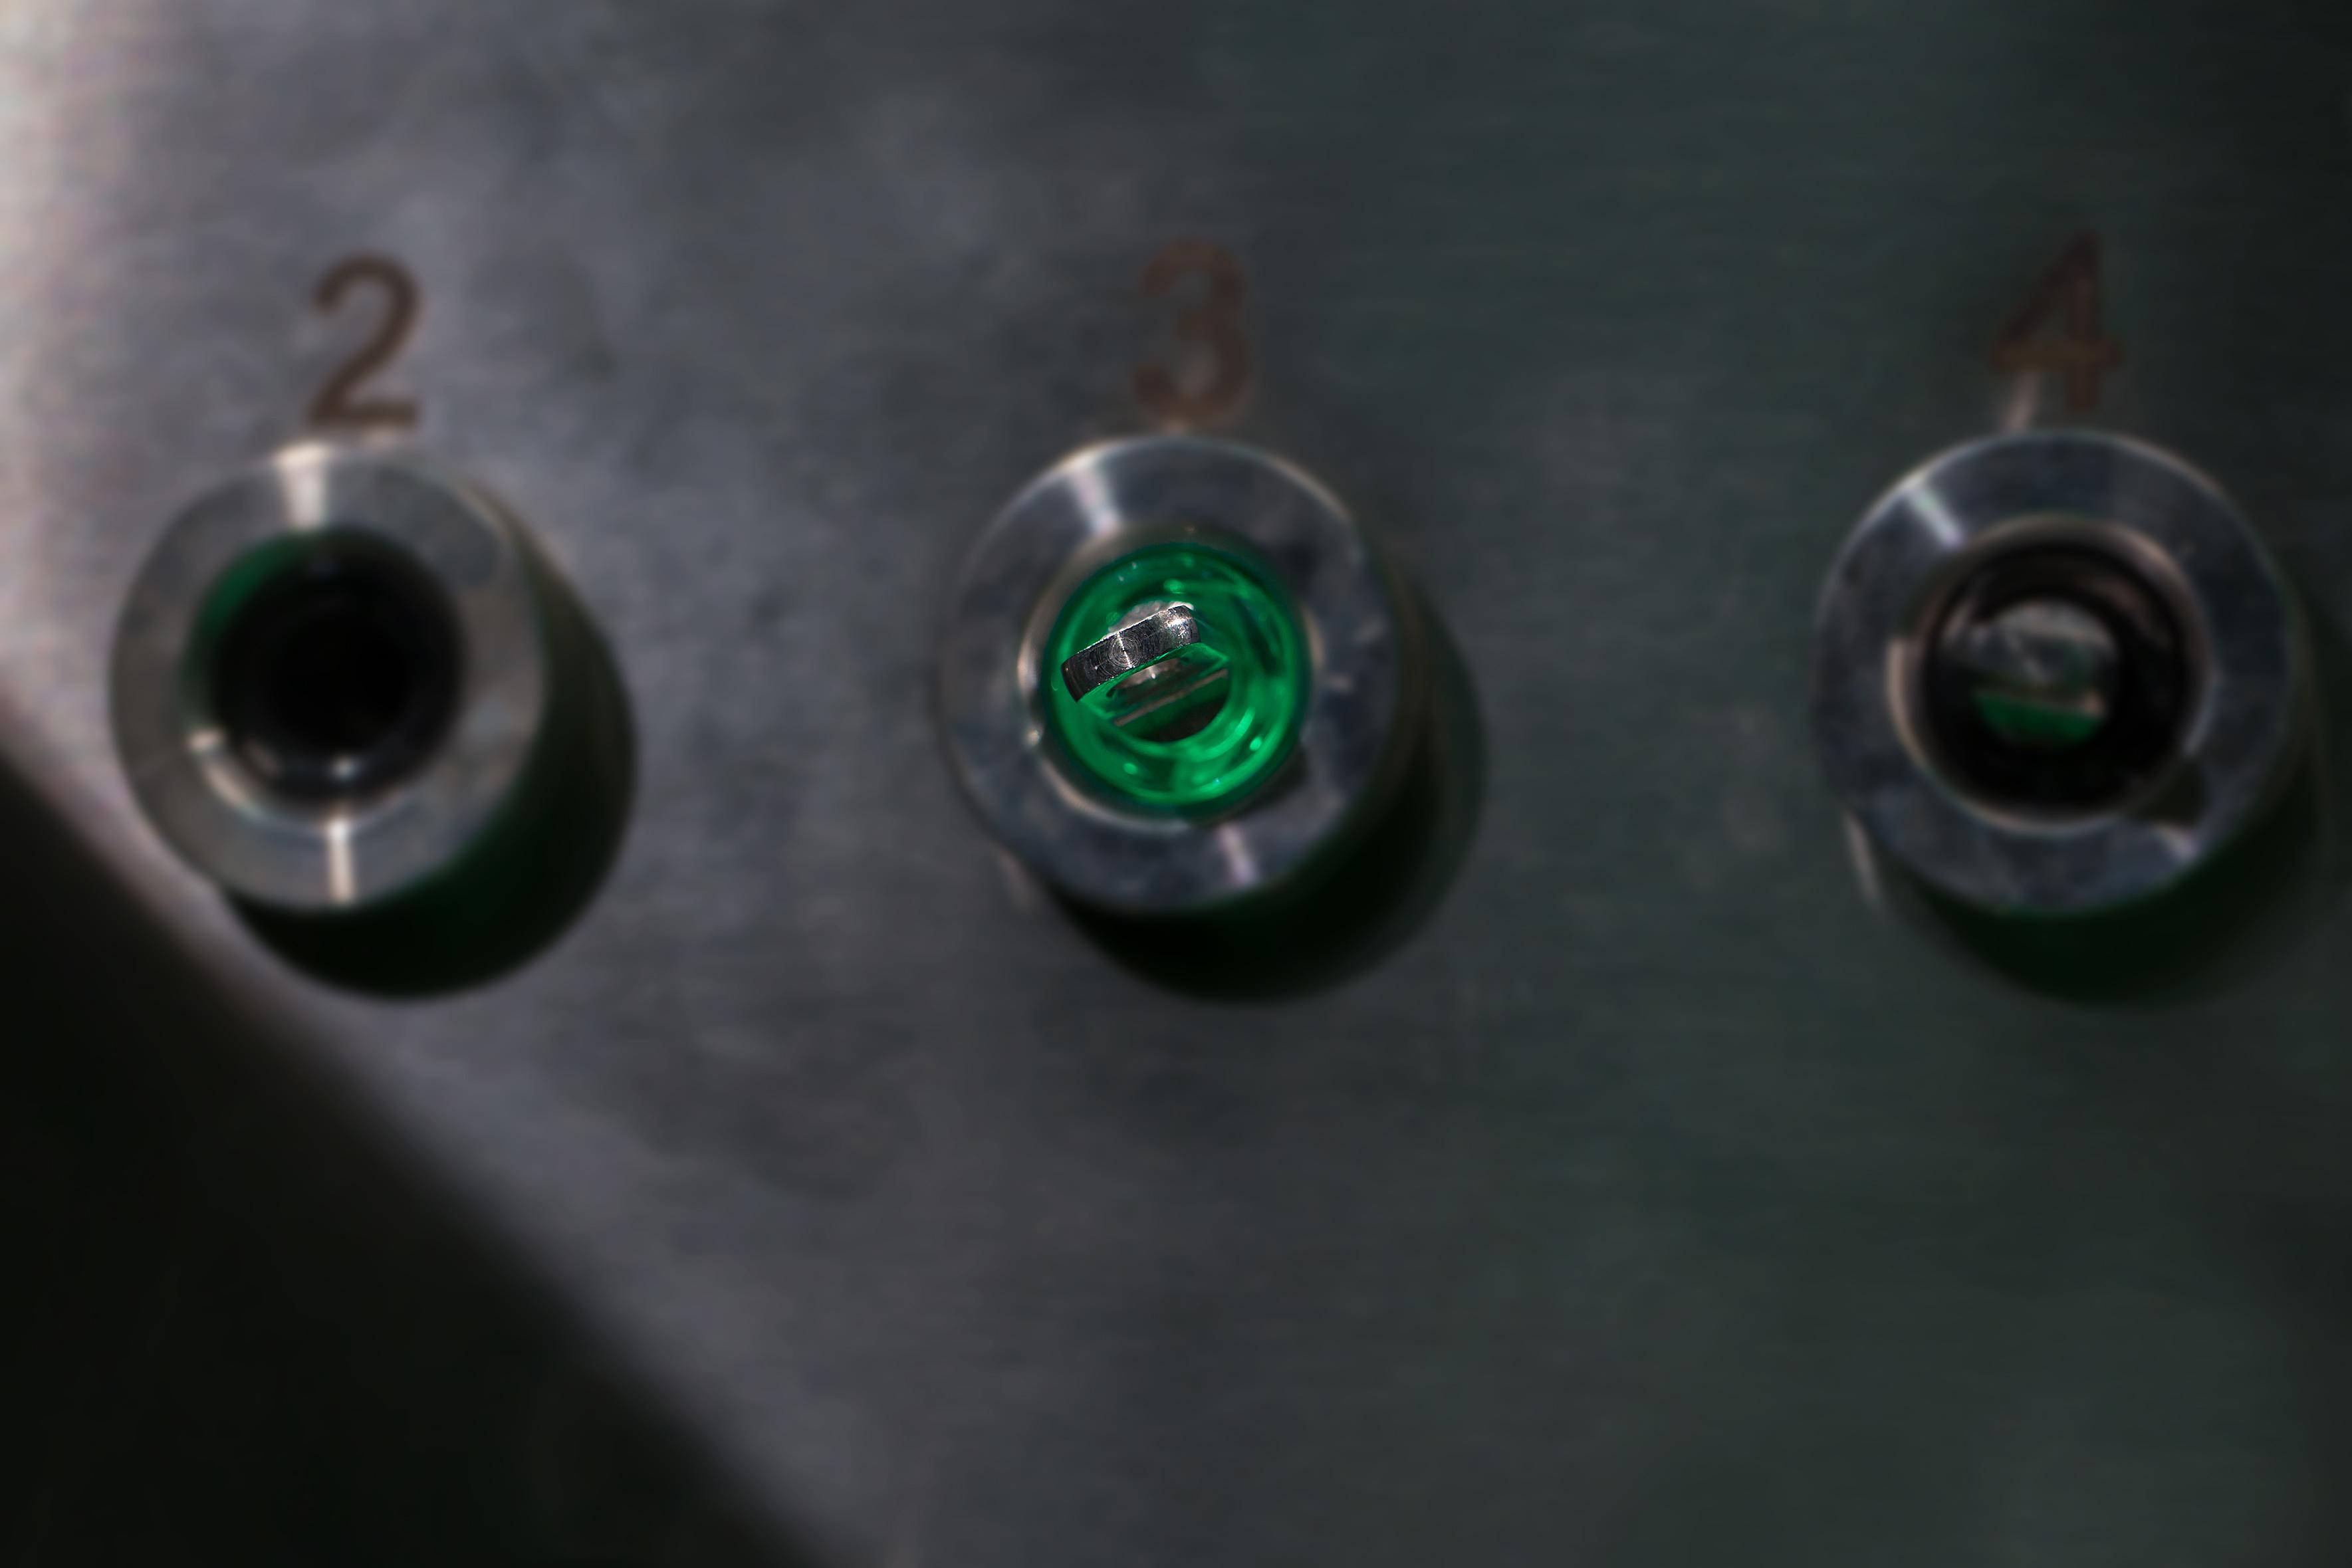 Тестируем умную ключницу (водка, кефир, чужие фотографии)